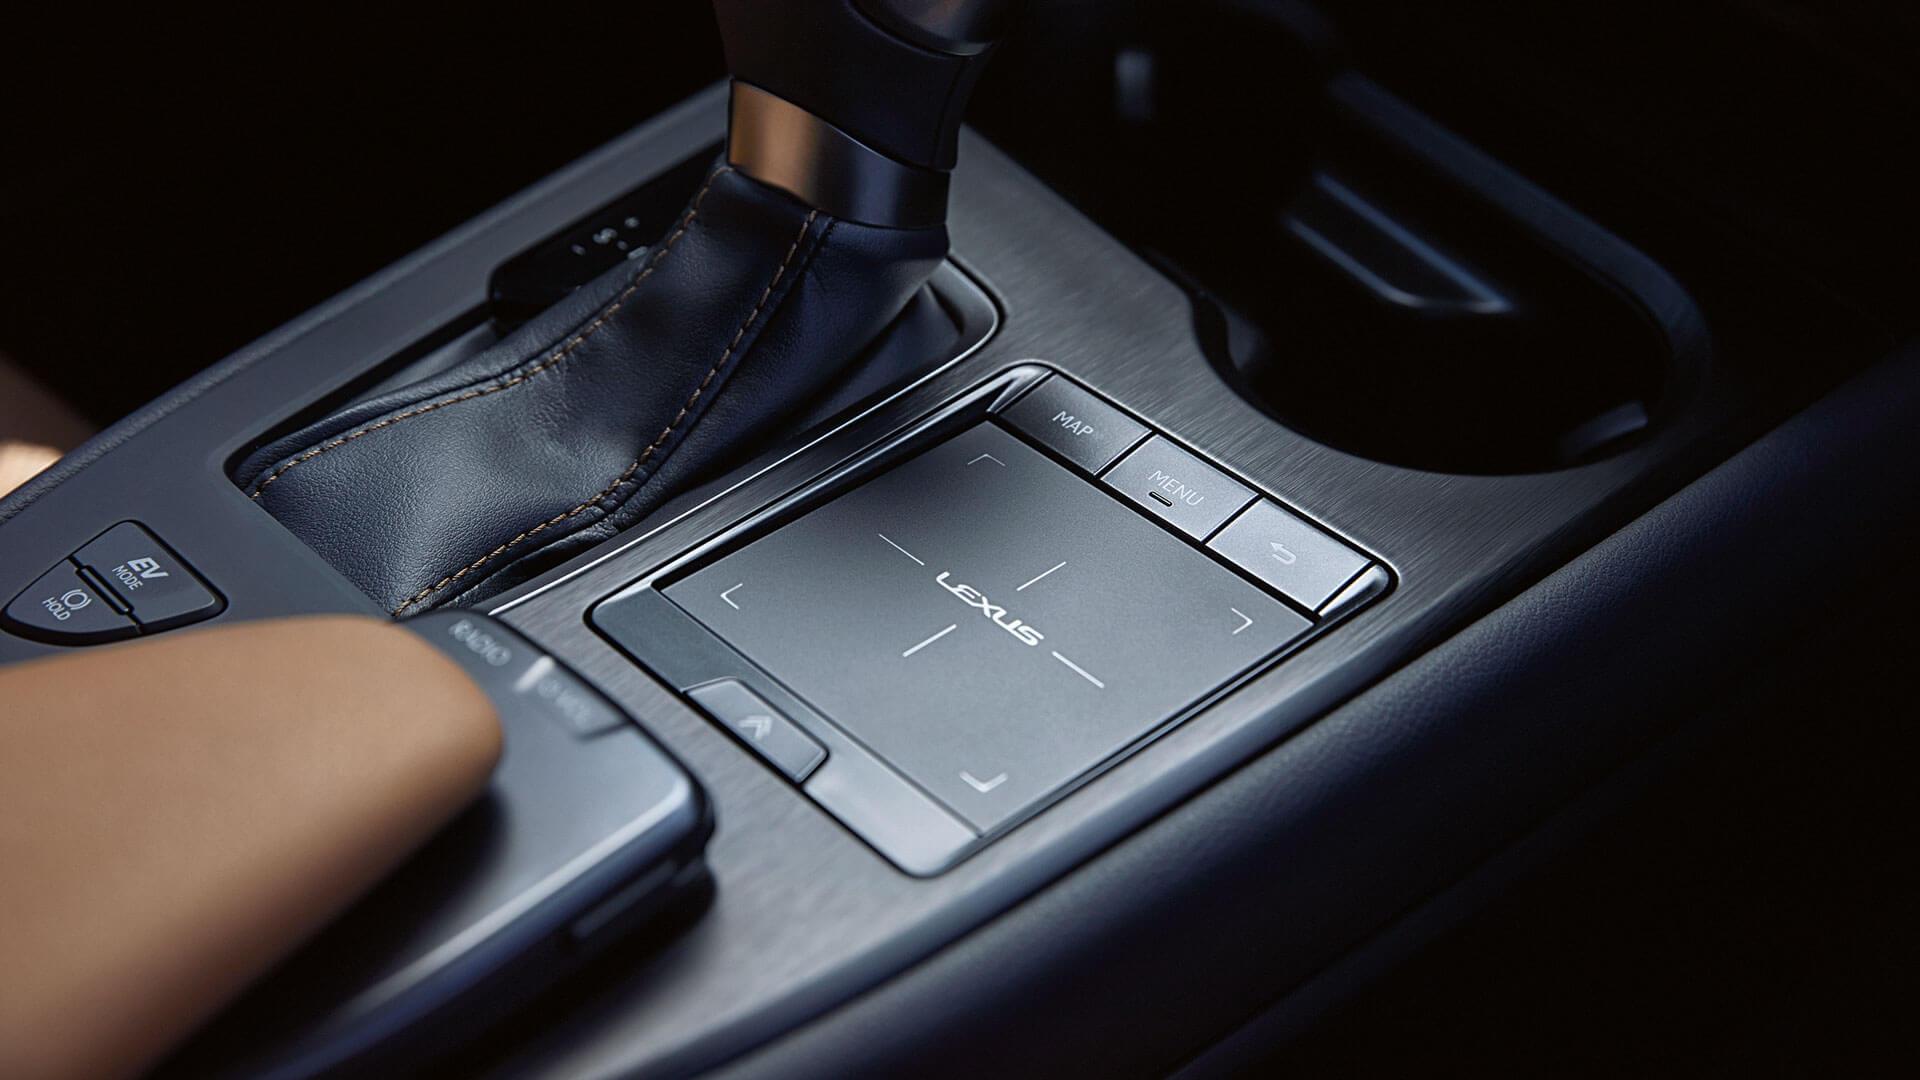 Lexus UX Touch Pad